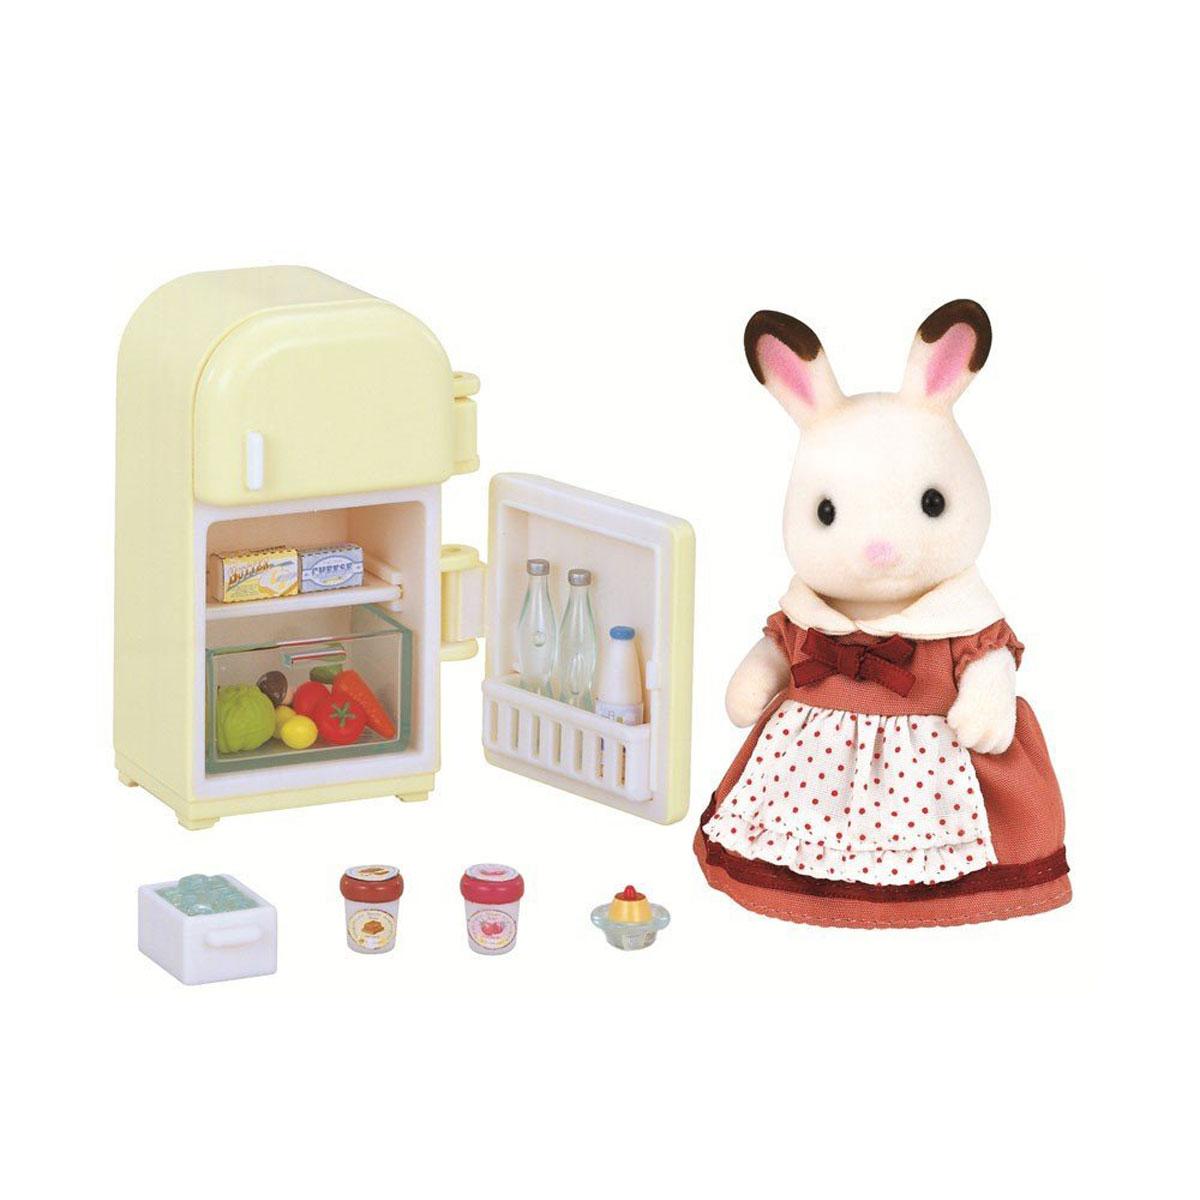 """Игровой набор """"Мама кролик и холодильник"""" привлечет внимание вашего ребенка и станет отличным подарком для поклонников жителей чудесной страны Sylvanian Families. В комплект входит фигурка кролика, холодильник и продукты. Компания была основана в 1985 году, в Японии. """"Sylvanian Families"""" очень популярен в Европе и Азии, и, за долгие годы существования, компания смогла добиться больших успехов. 3 года подряд в Англии бренд """"Sylvanian Families"""" был признан """"Игрушкой Года"""". Сегодня у героев """"Sylvanian Families"""" есть собственное шоу, полнометражный мультфильм и сеть ресторанов, работающая по всей Японии. """"Sylvanian Families"""" - это целый мир маленьких жителей, объединенных общей легендой. Жители страны """"Sylvanian Families"""" - это кролики, белки, медведи, лисы и многие другие. У каждого из них есть дом, в котором есть все необходимое для счастливой жизни. В городе, где живут герои, есть школа, больница, рынок, пекарня, детский сад и множество других полезных..."""